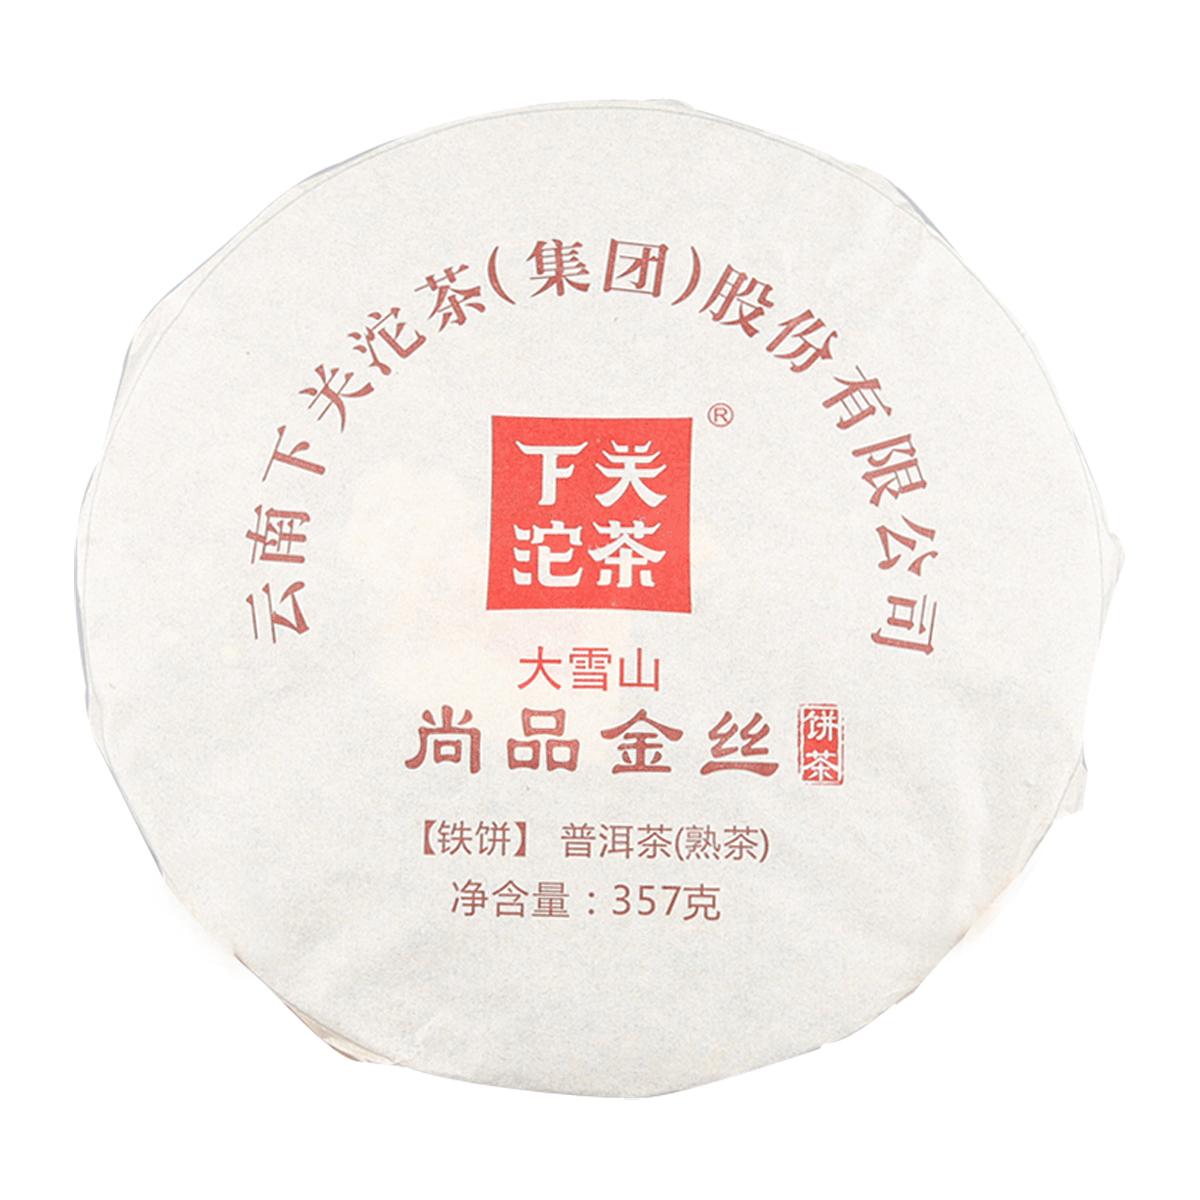 2017年大雪山尚品金丝饼茶铁饼357g熟茶,包邮